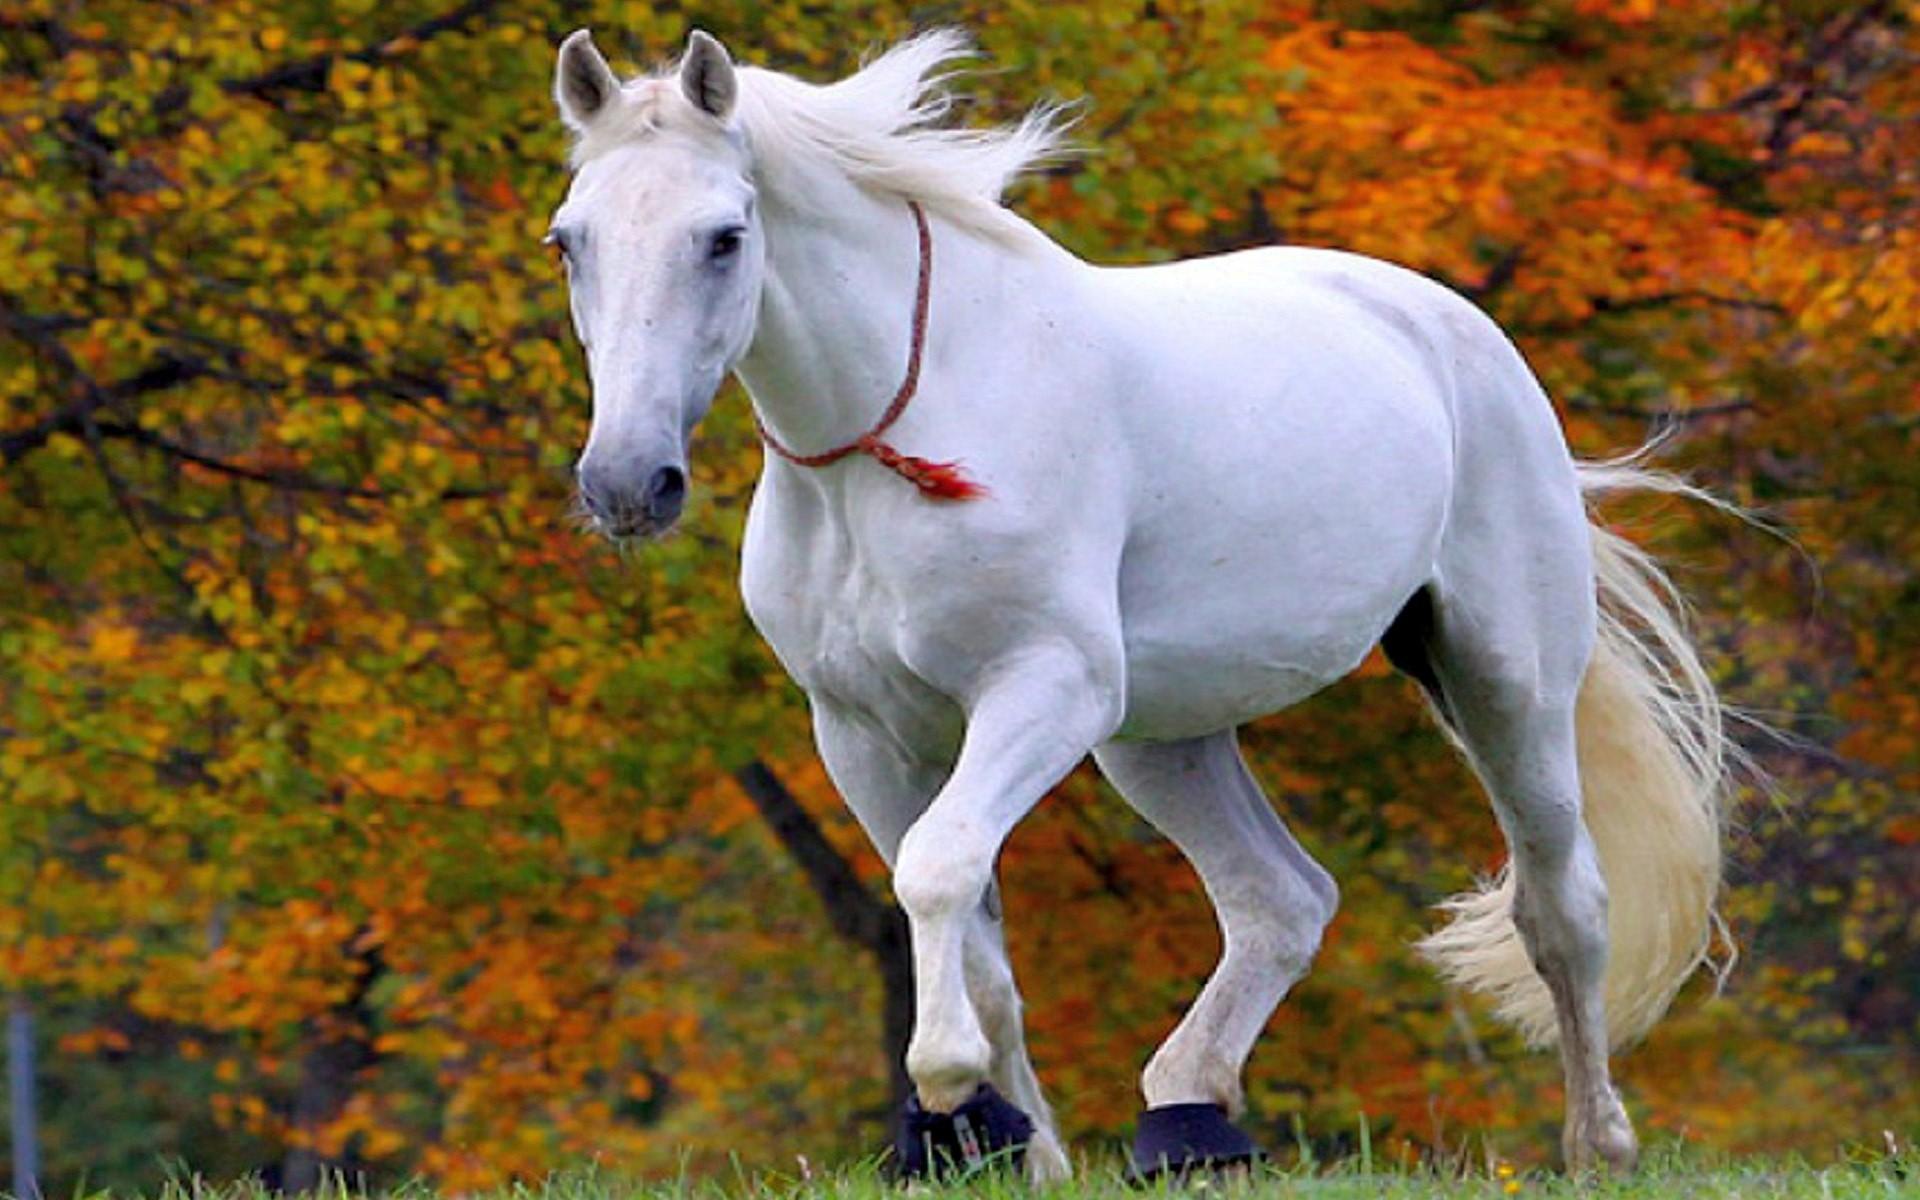 57 Horse Wallpaper Images On Wallpapersafari